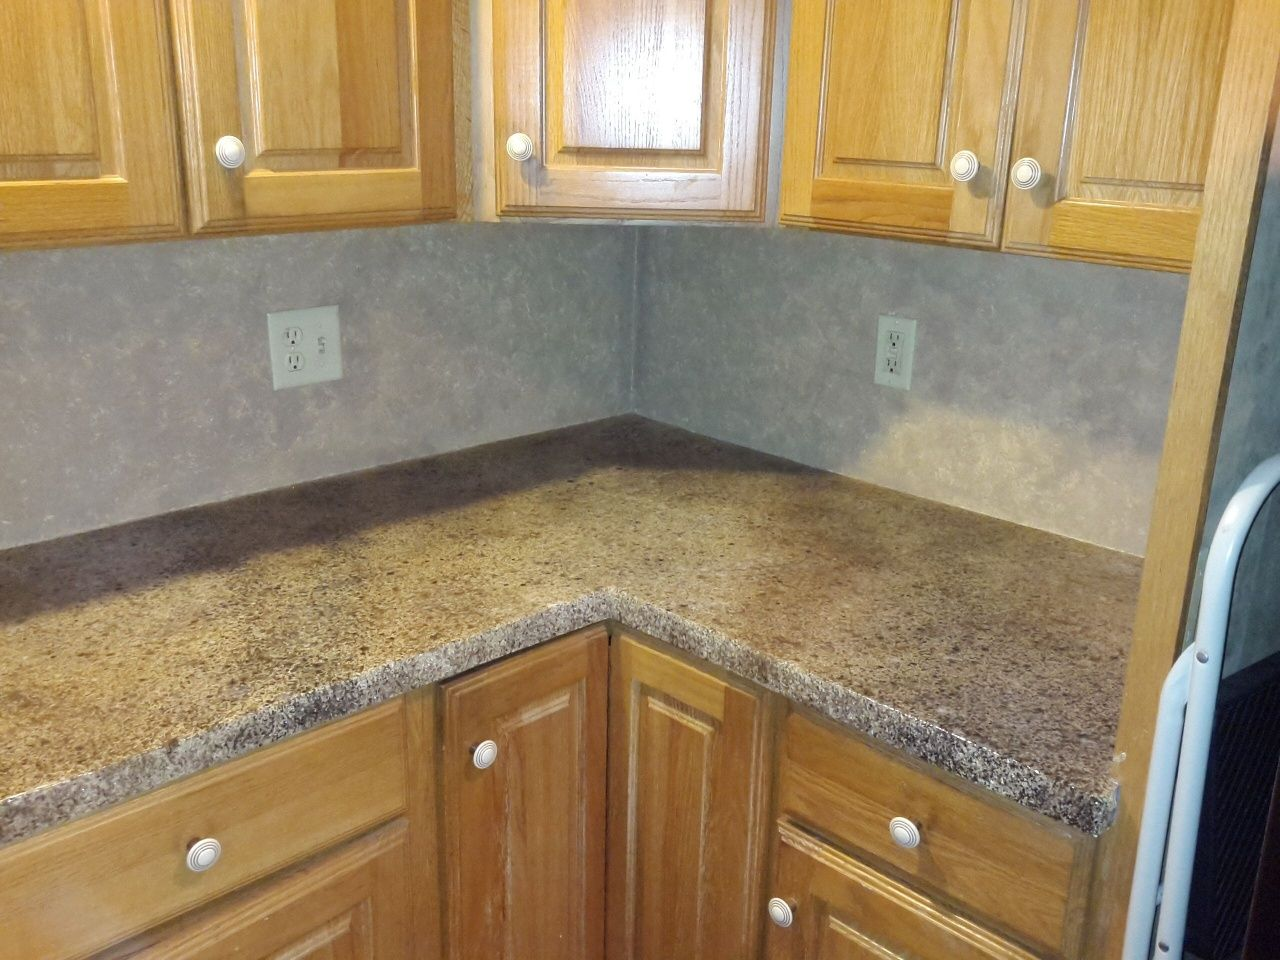 Laminate Countertops Without Backsplash Lowes Laminate Countertops Diy Kitchen Backsplash Smart Tiles Backsplash